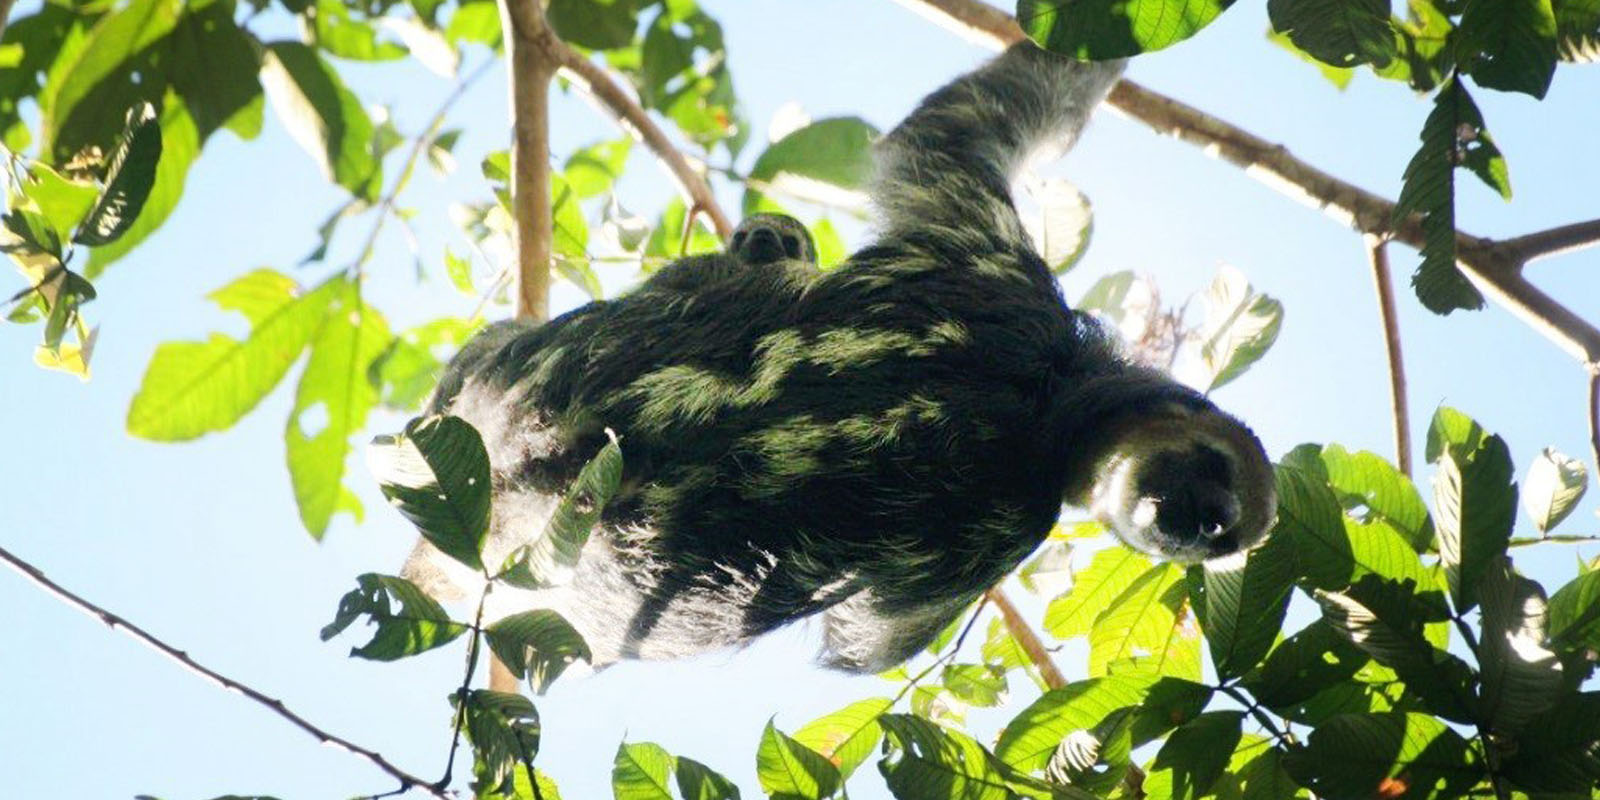 Faultier im Mutterglück: Junge Faultiere haben einen großen Bedarf an Körperkontakt